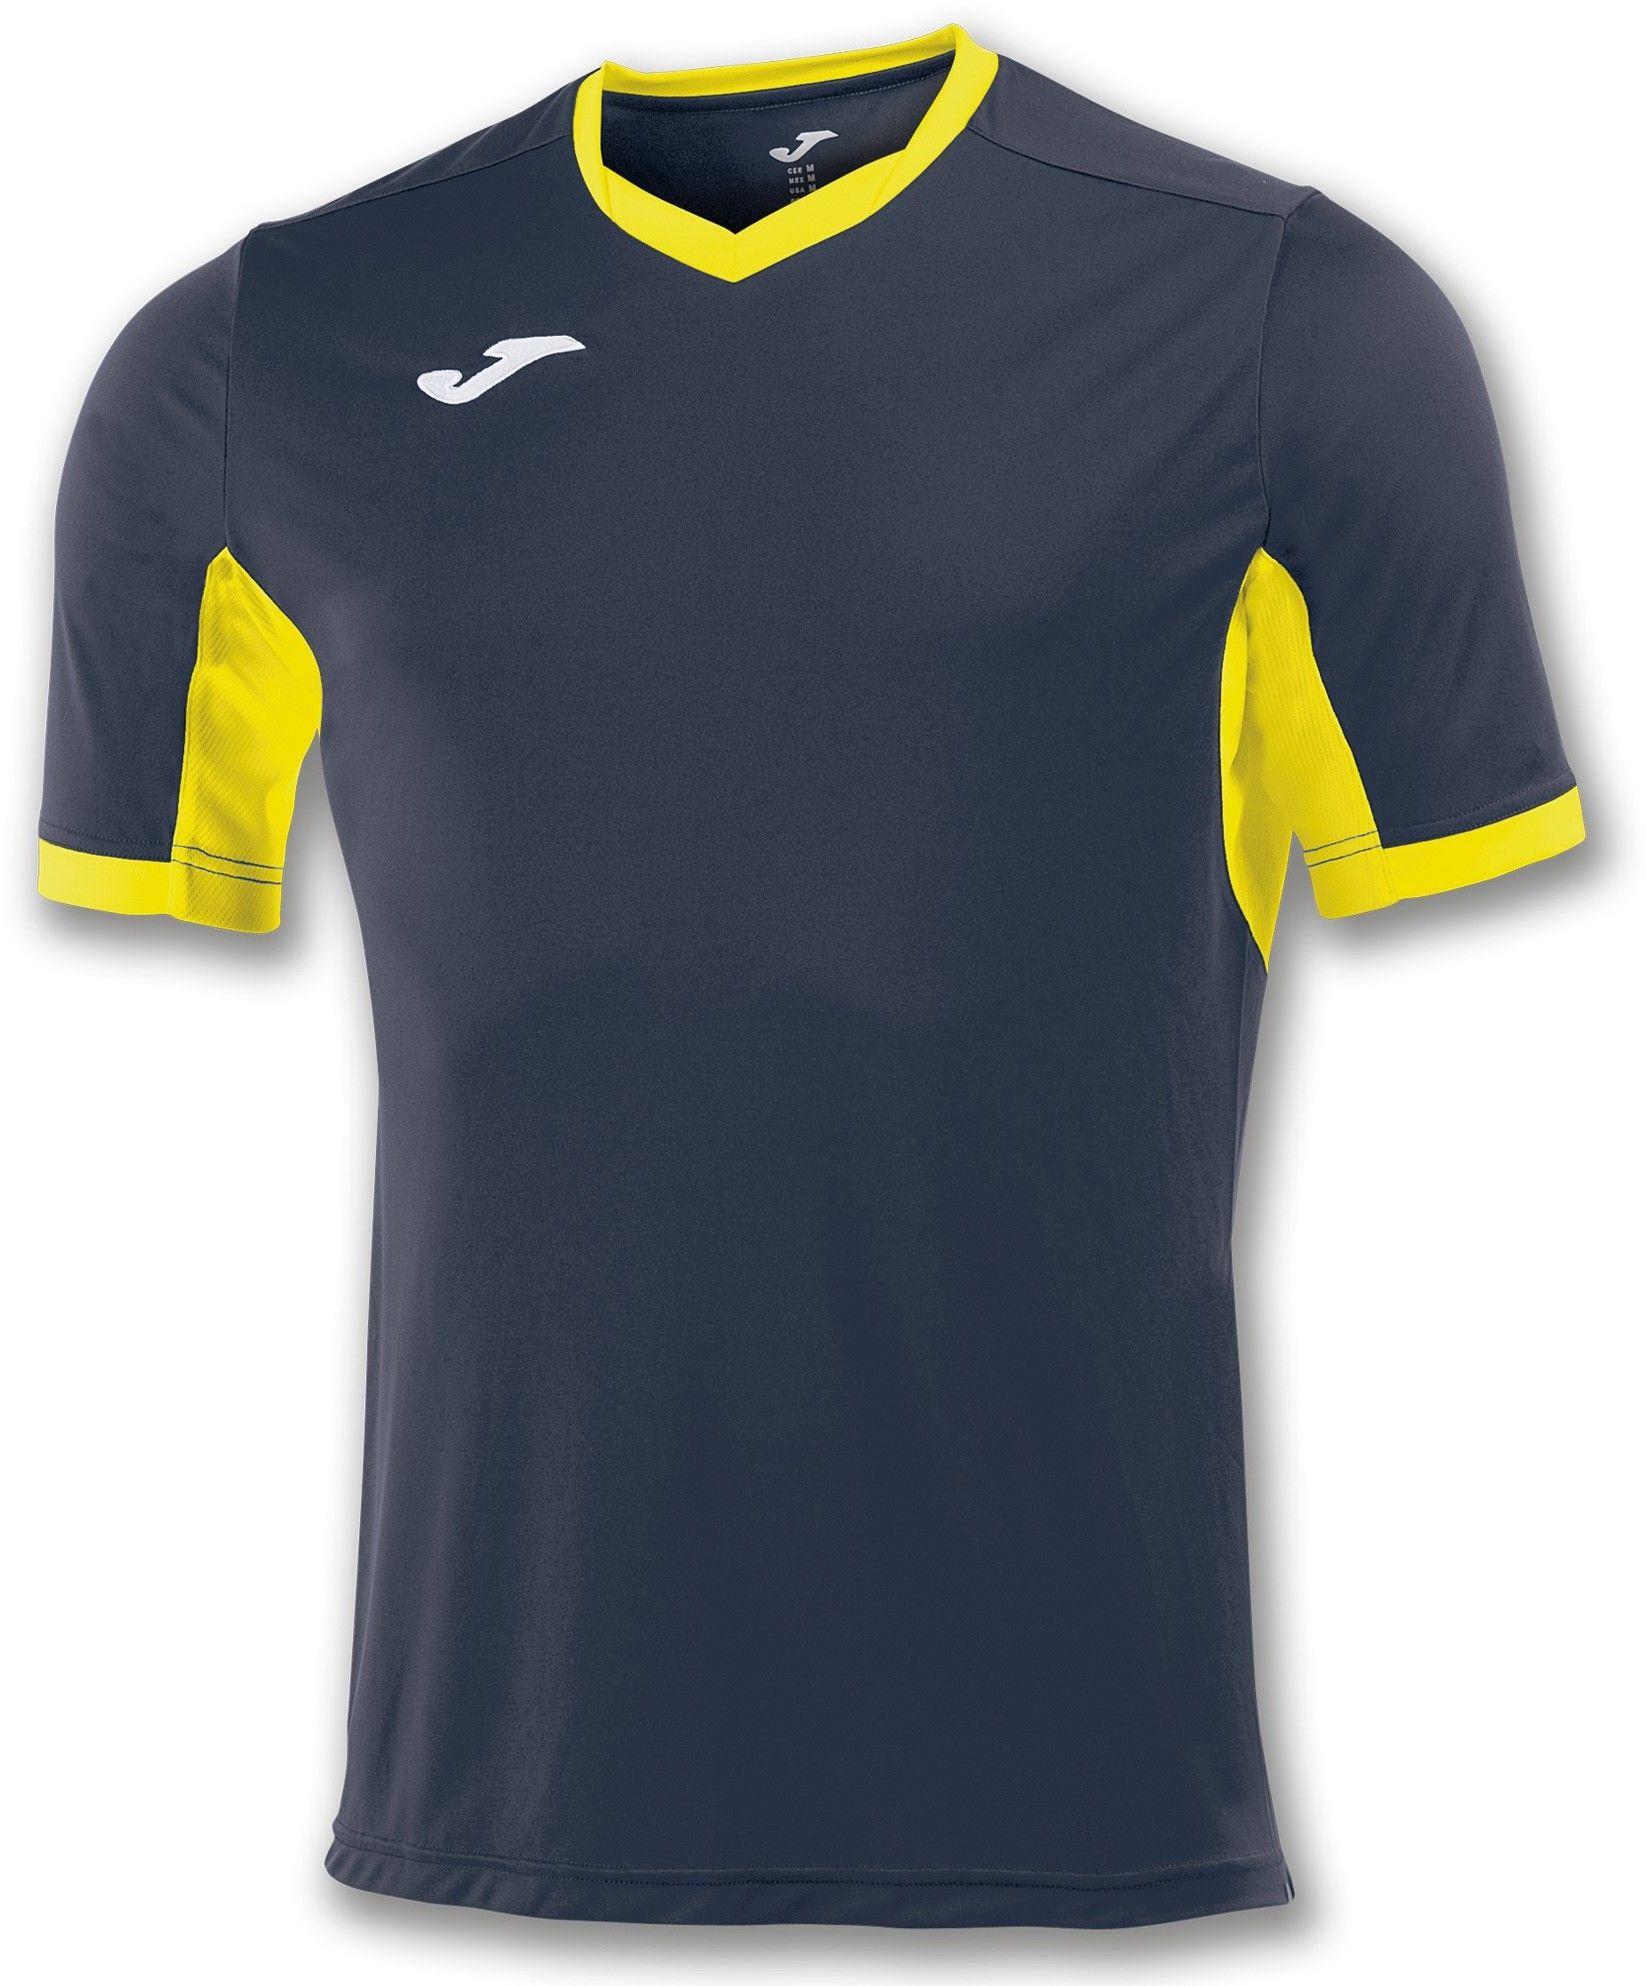 Koszulka Joma Champion IV dark navy/yellow (10 szt.)